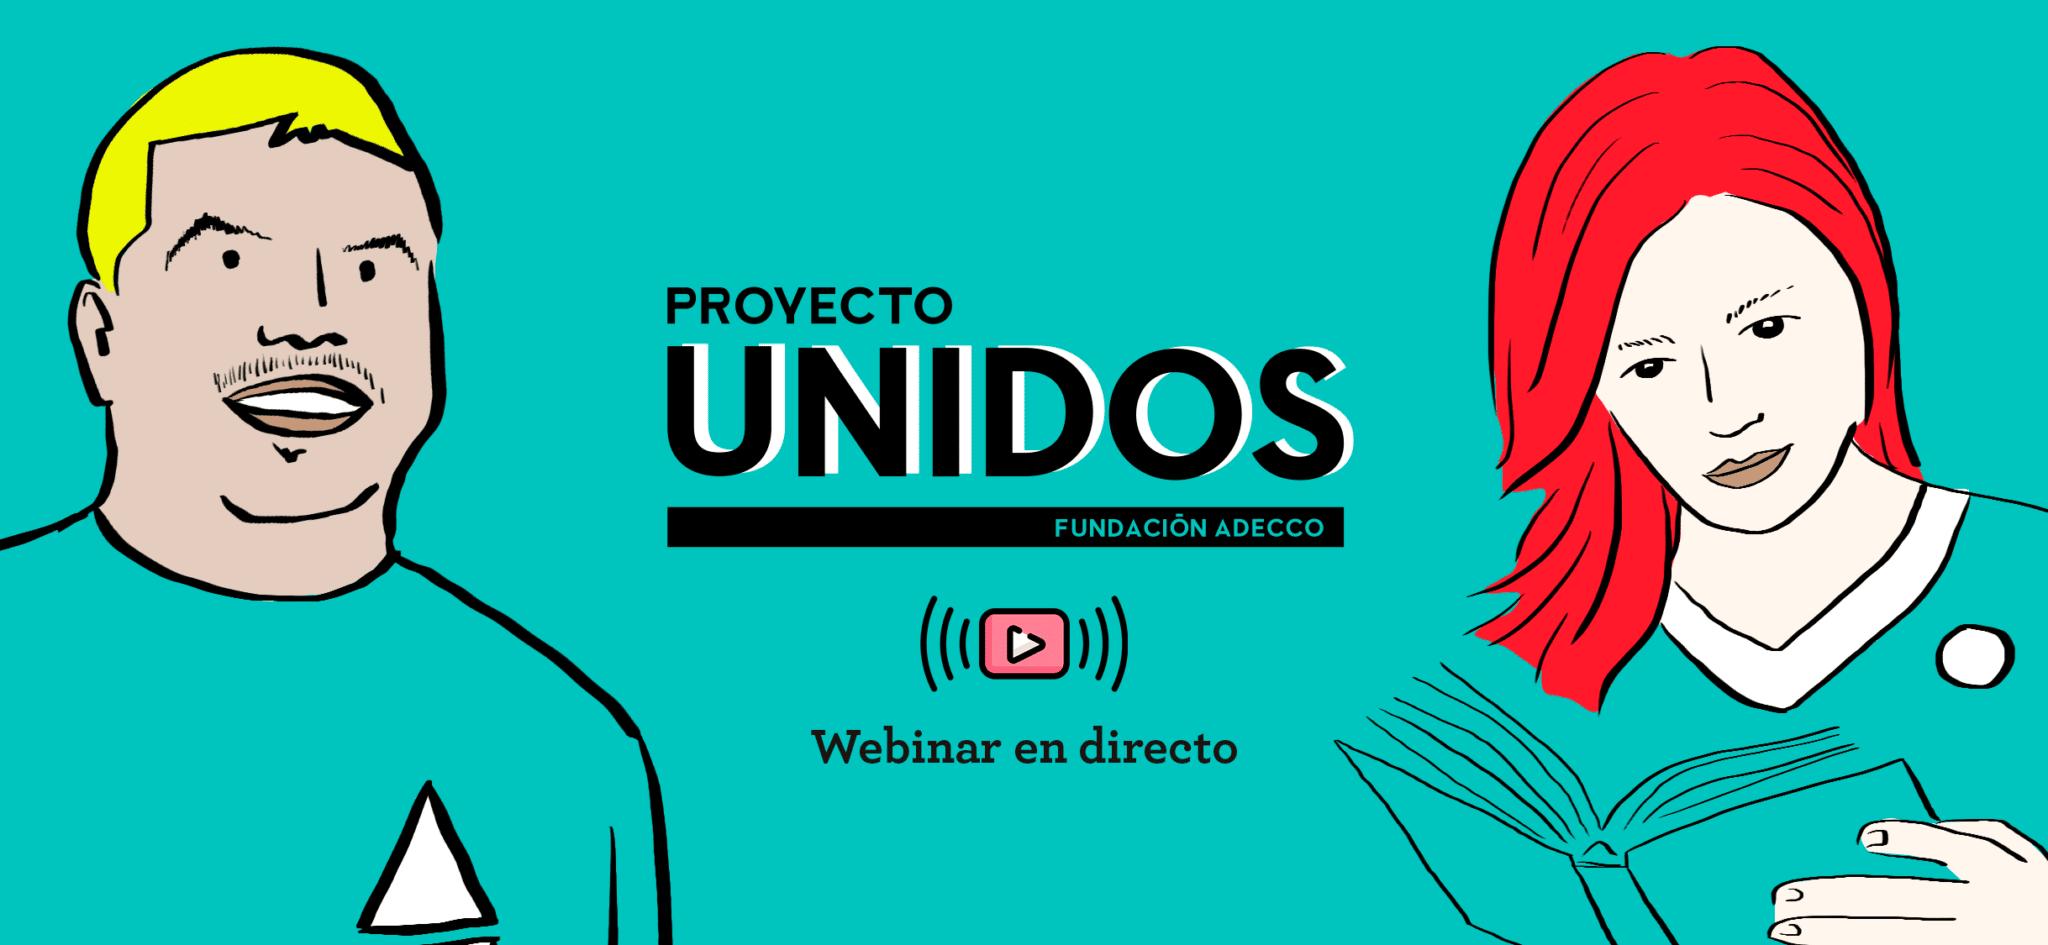 directos-proyecto-unidos